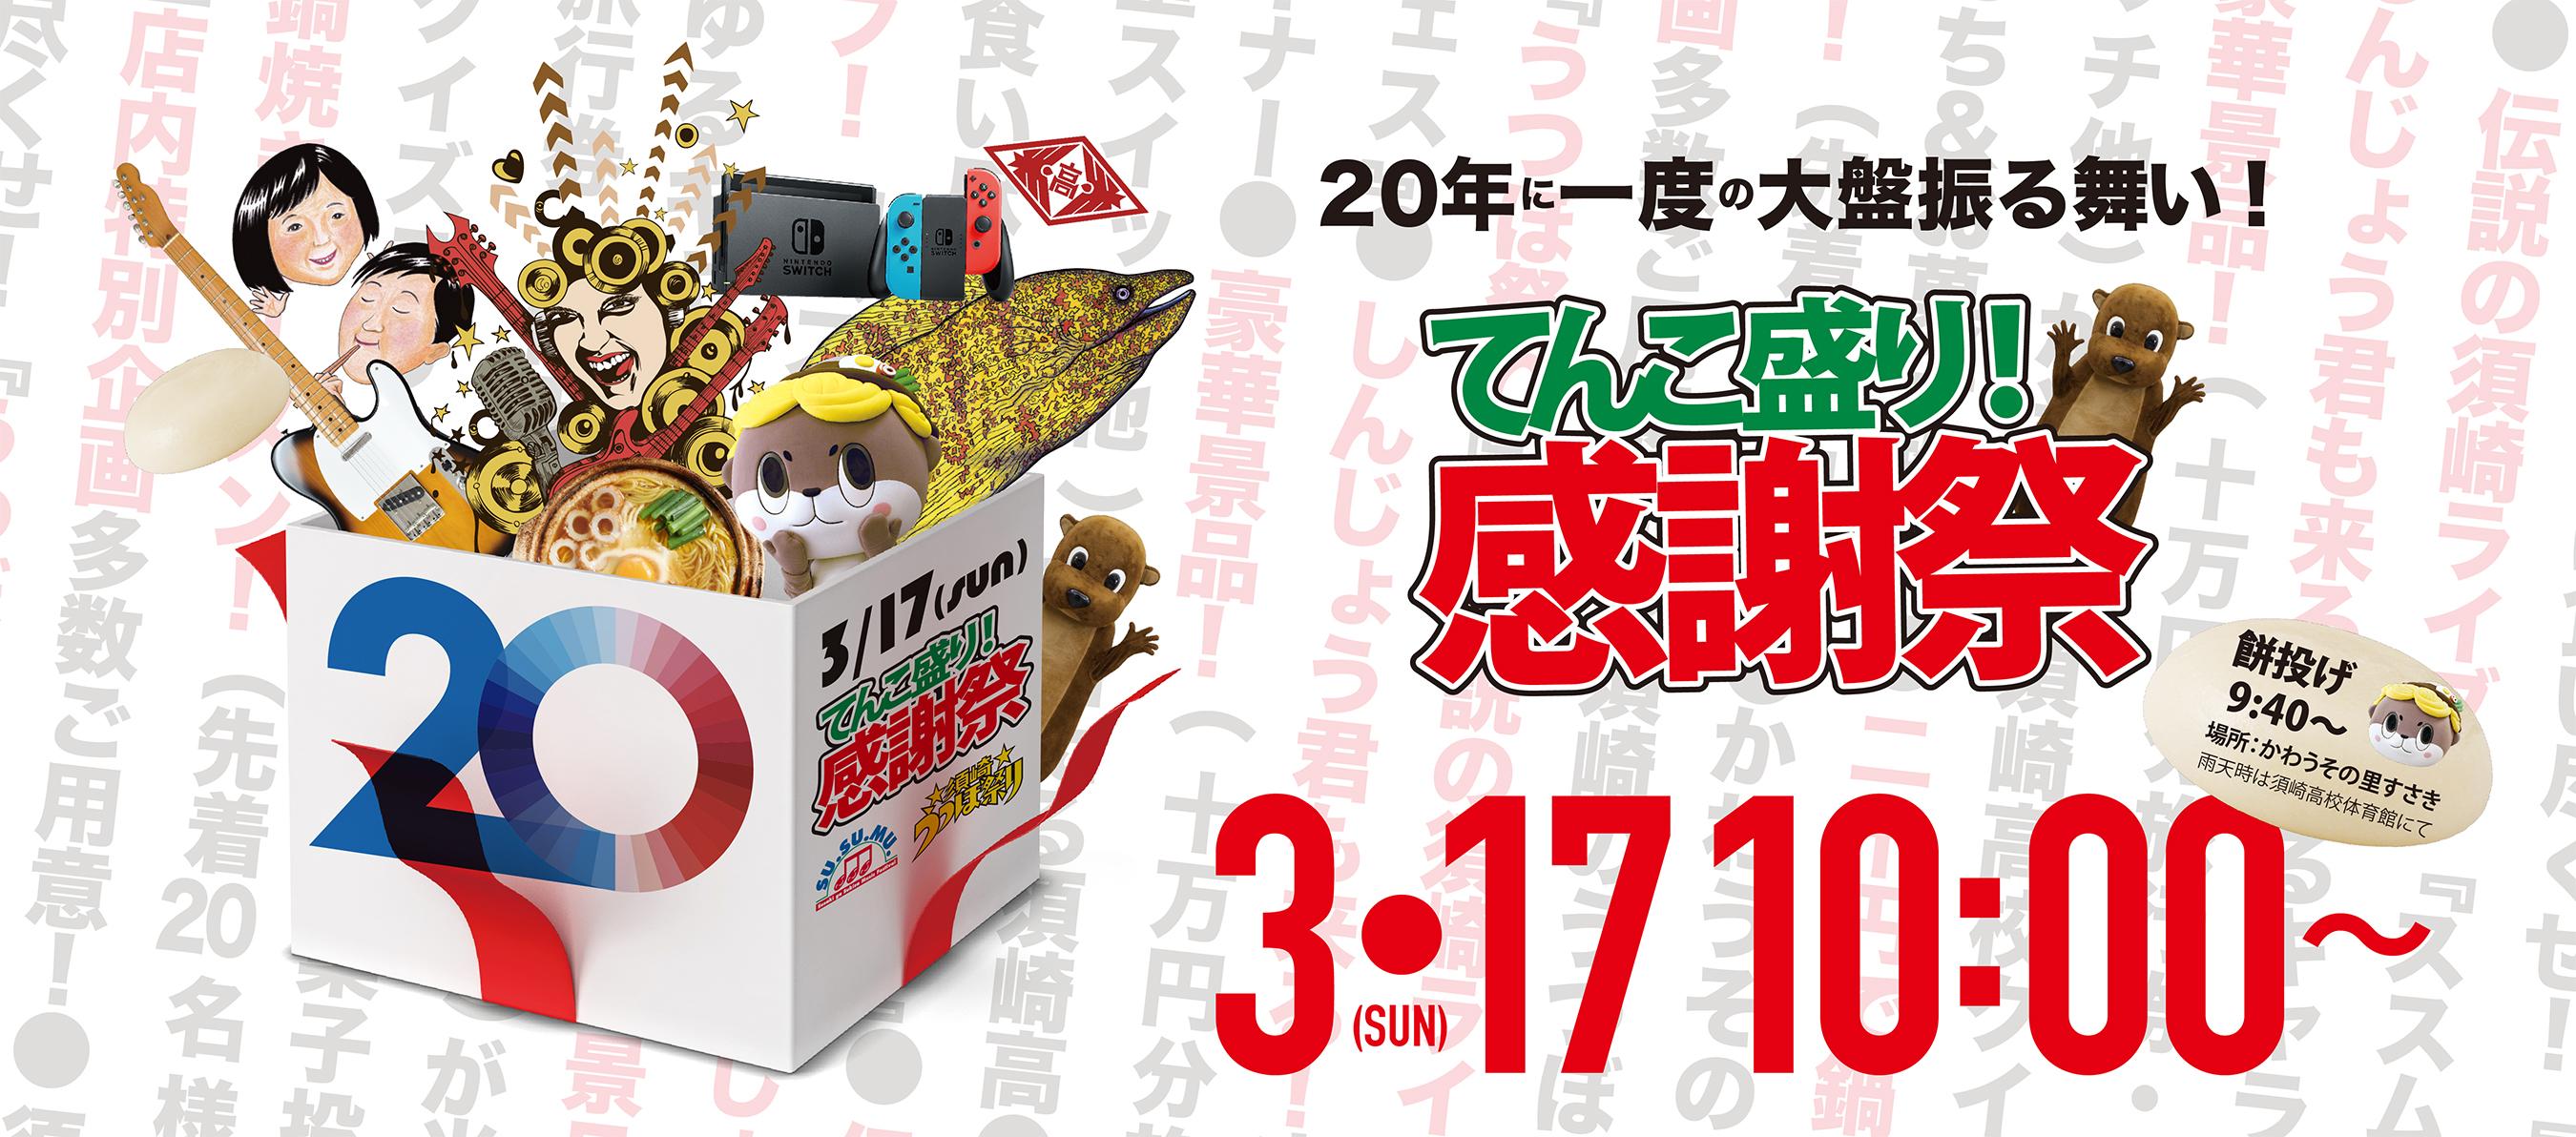 須崎市道の駅20周年てんこ盛り感謝祭